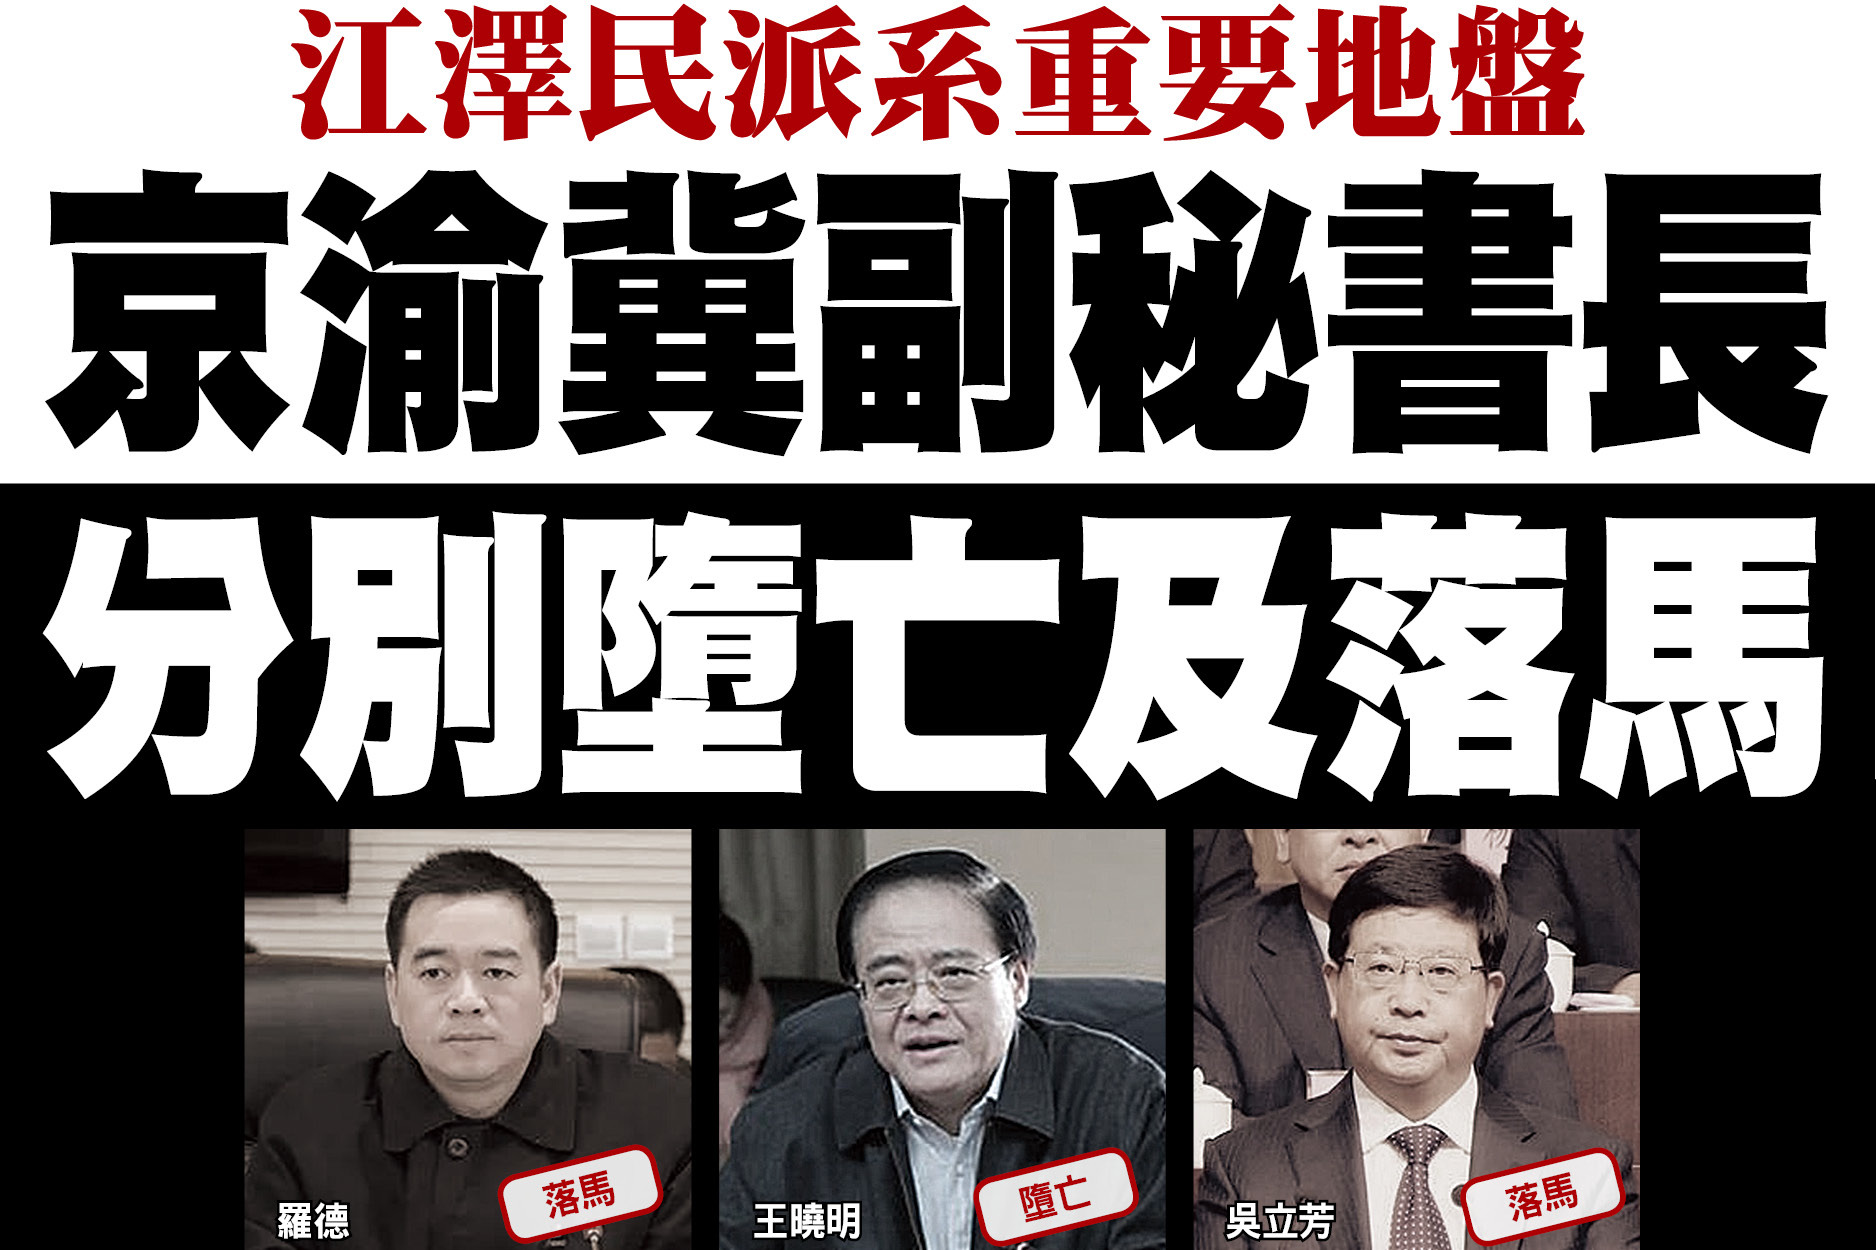 江澤民派系重要地盤 京渝冀副秘書長分別墮亡及落馬